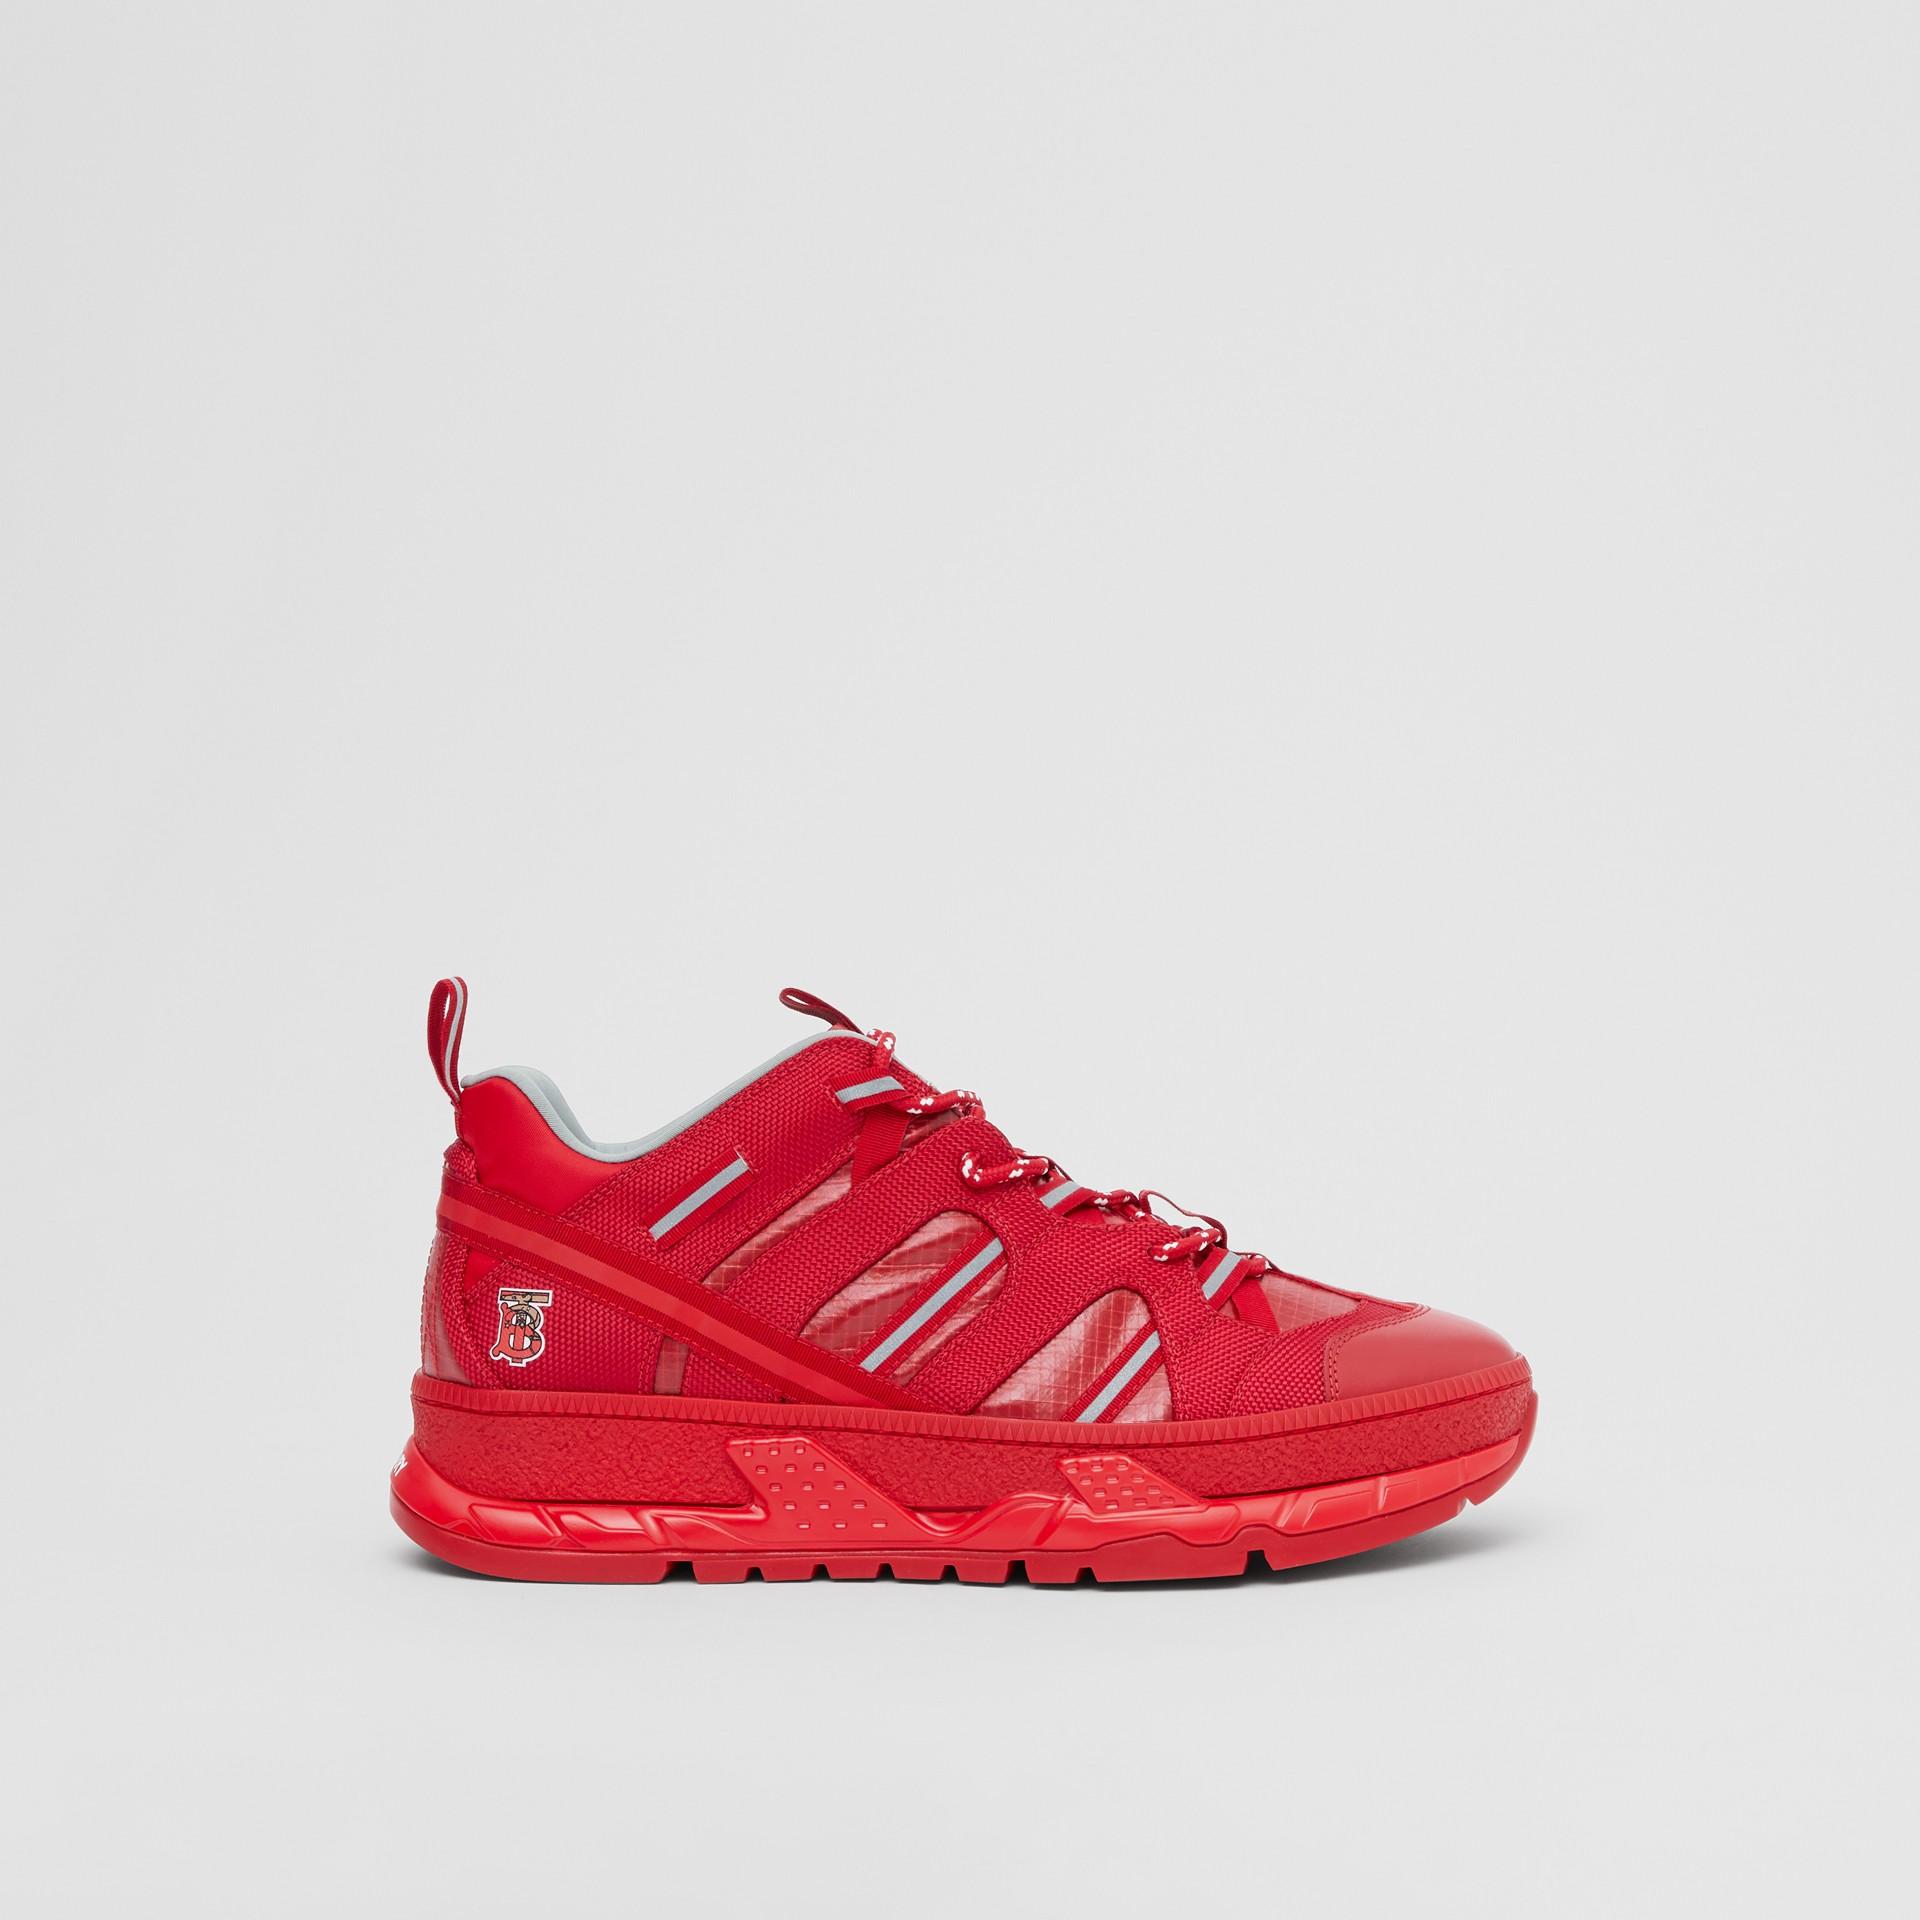 尼龍和皮革 Union 運動鞋 (亮紅色) - 女款   Burberry - 圖庫照片 5